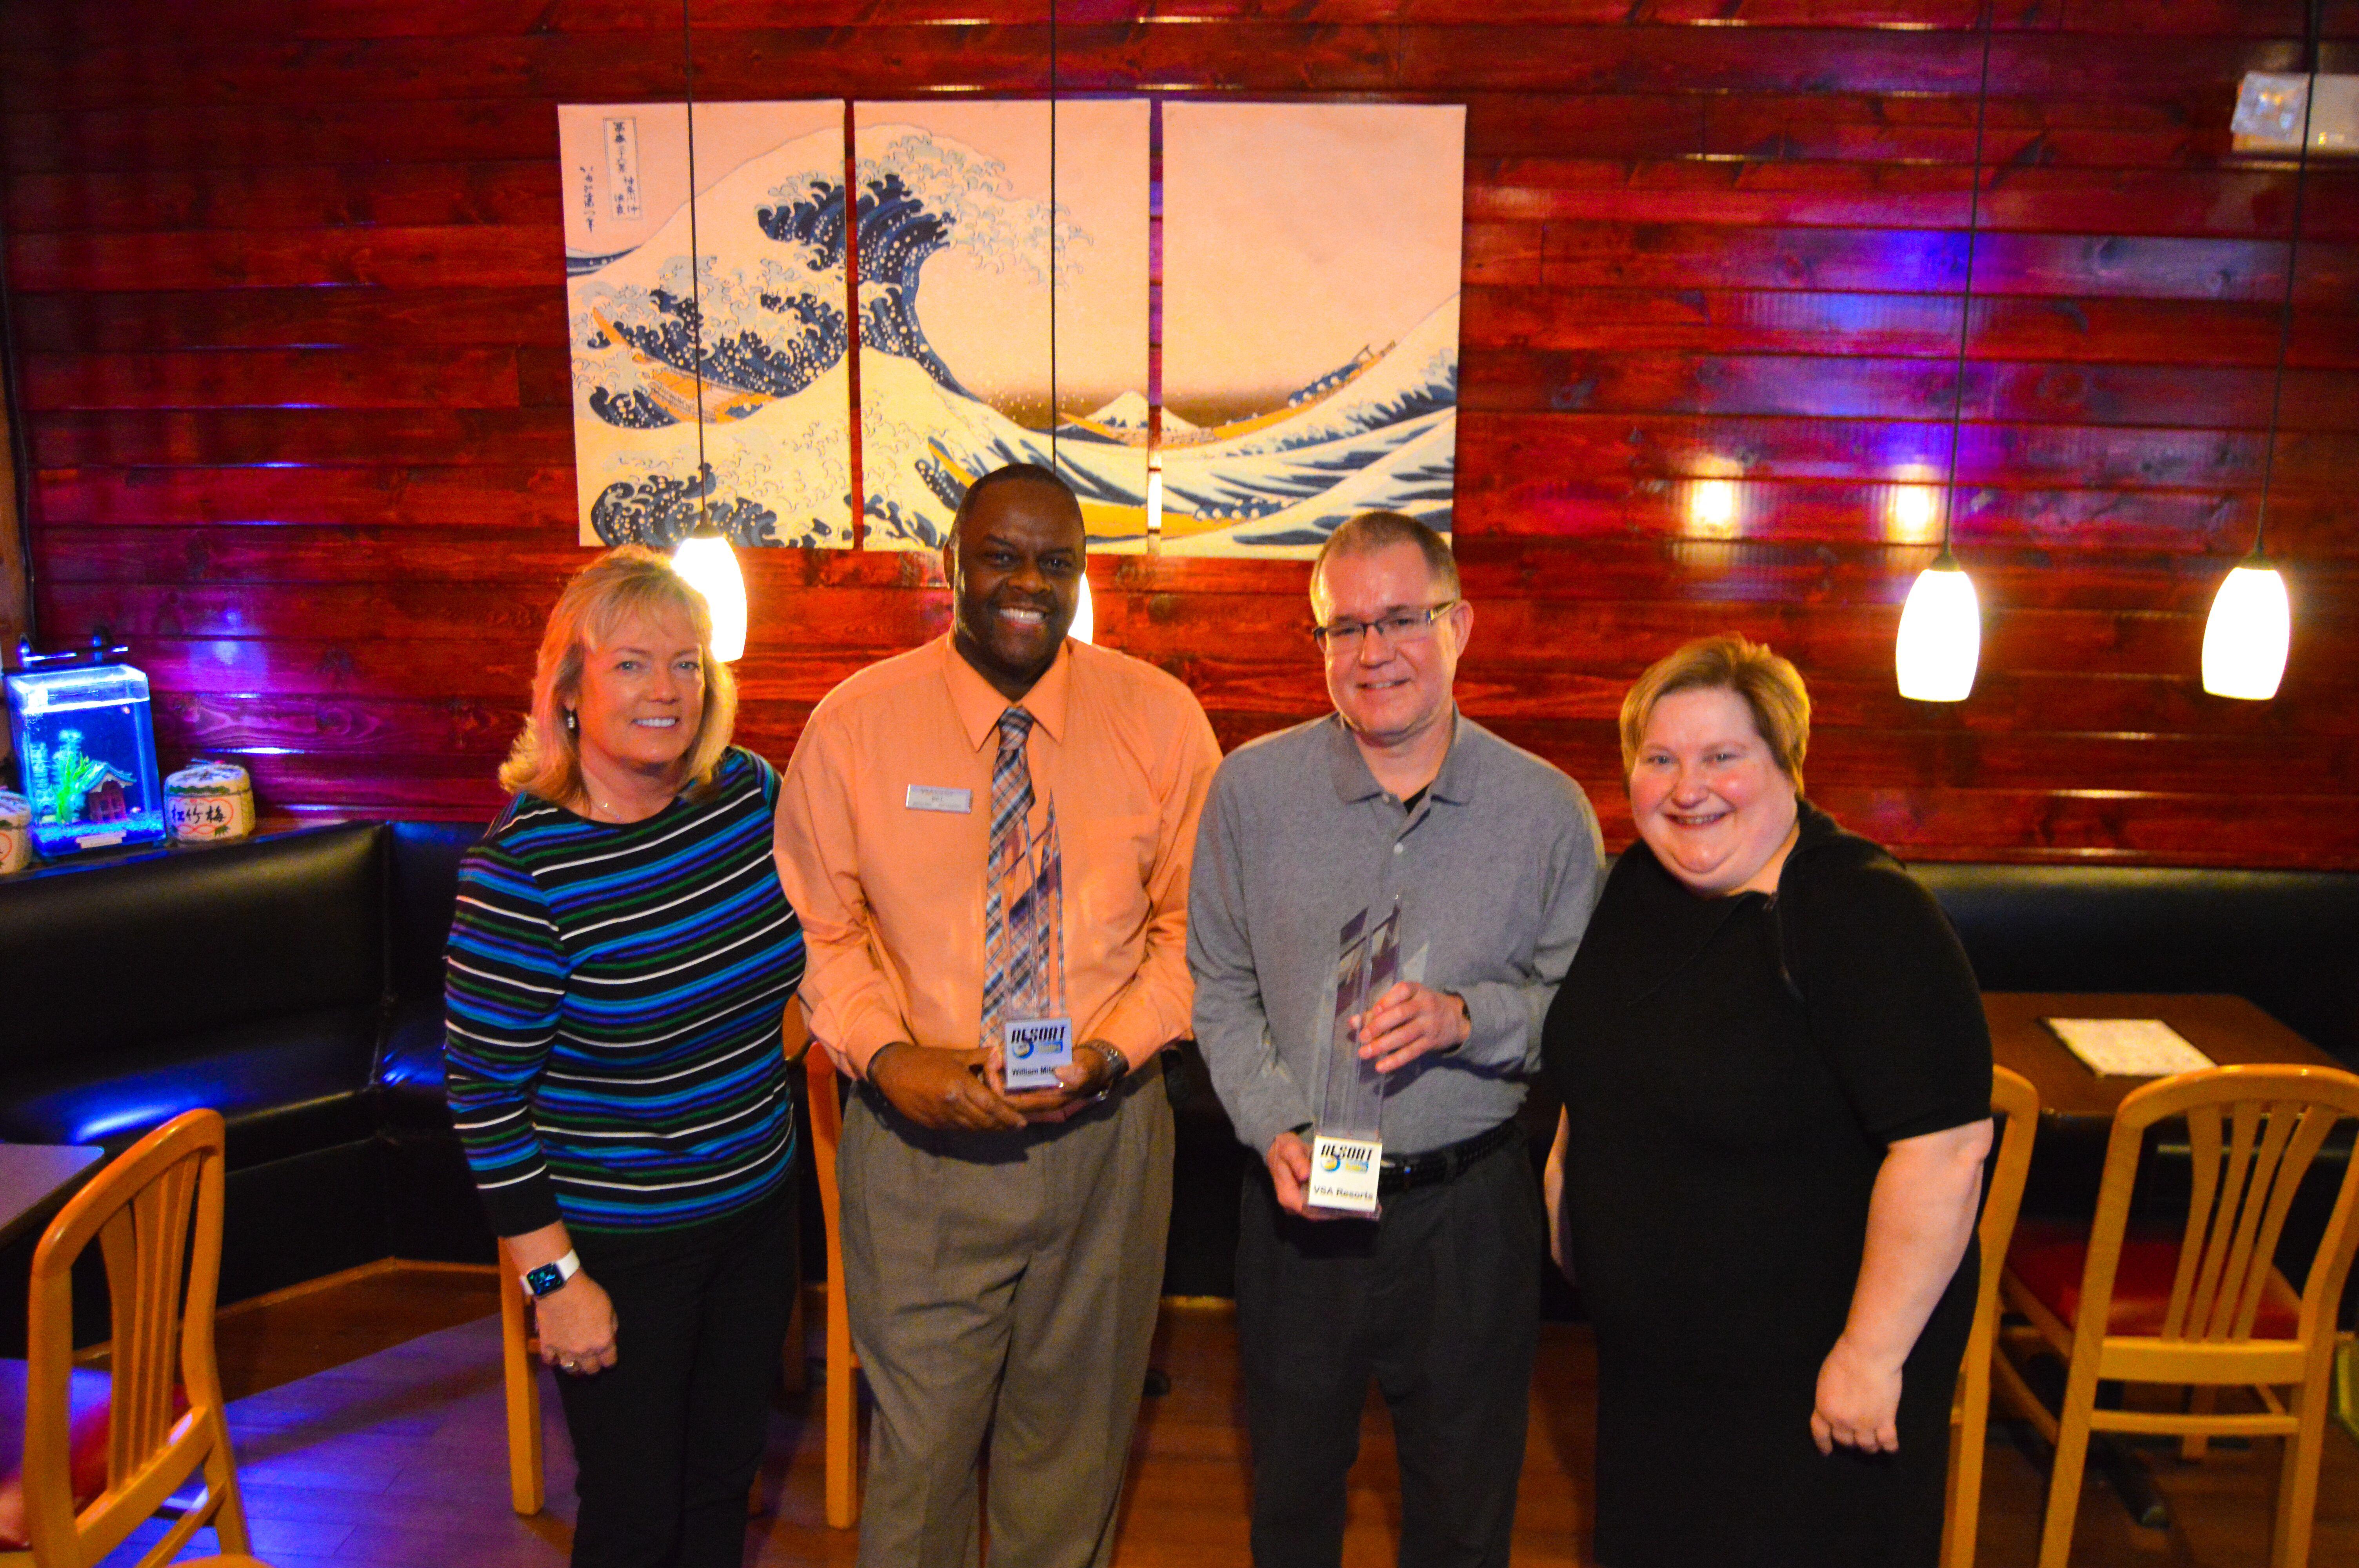 Winner of 4th Annual CEP Award named